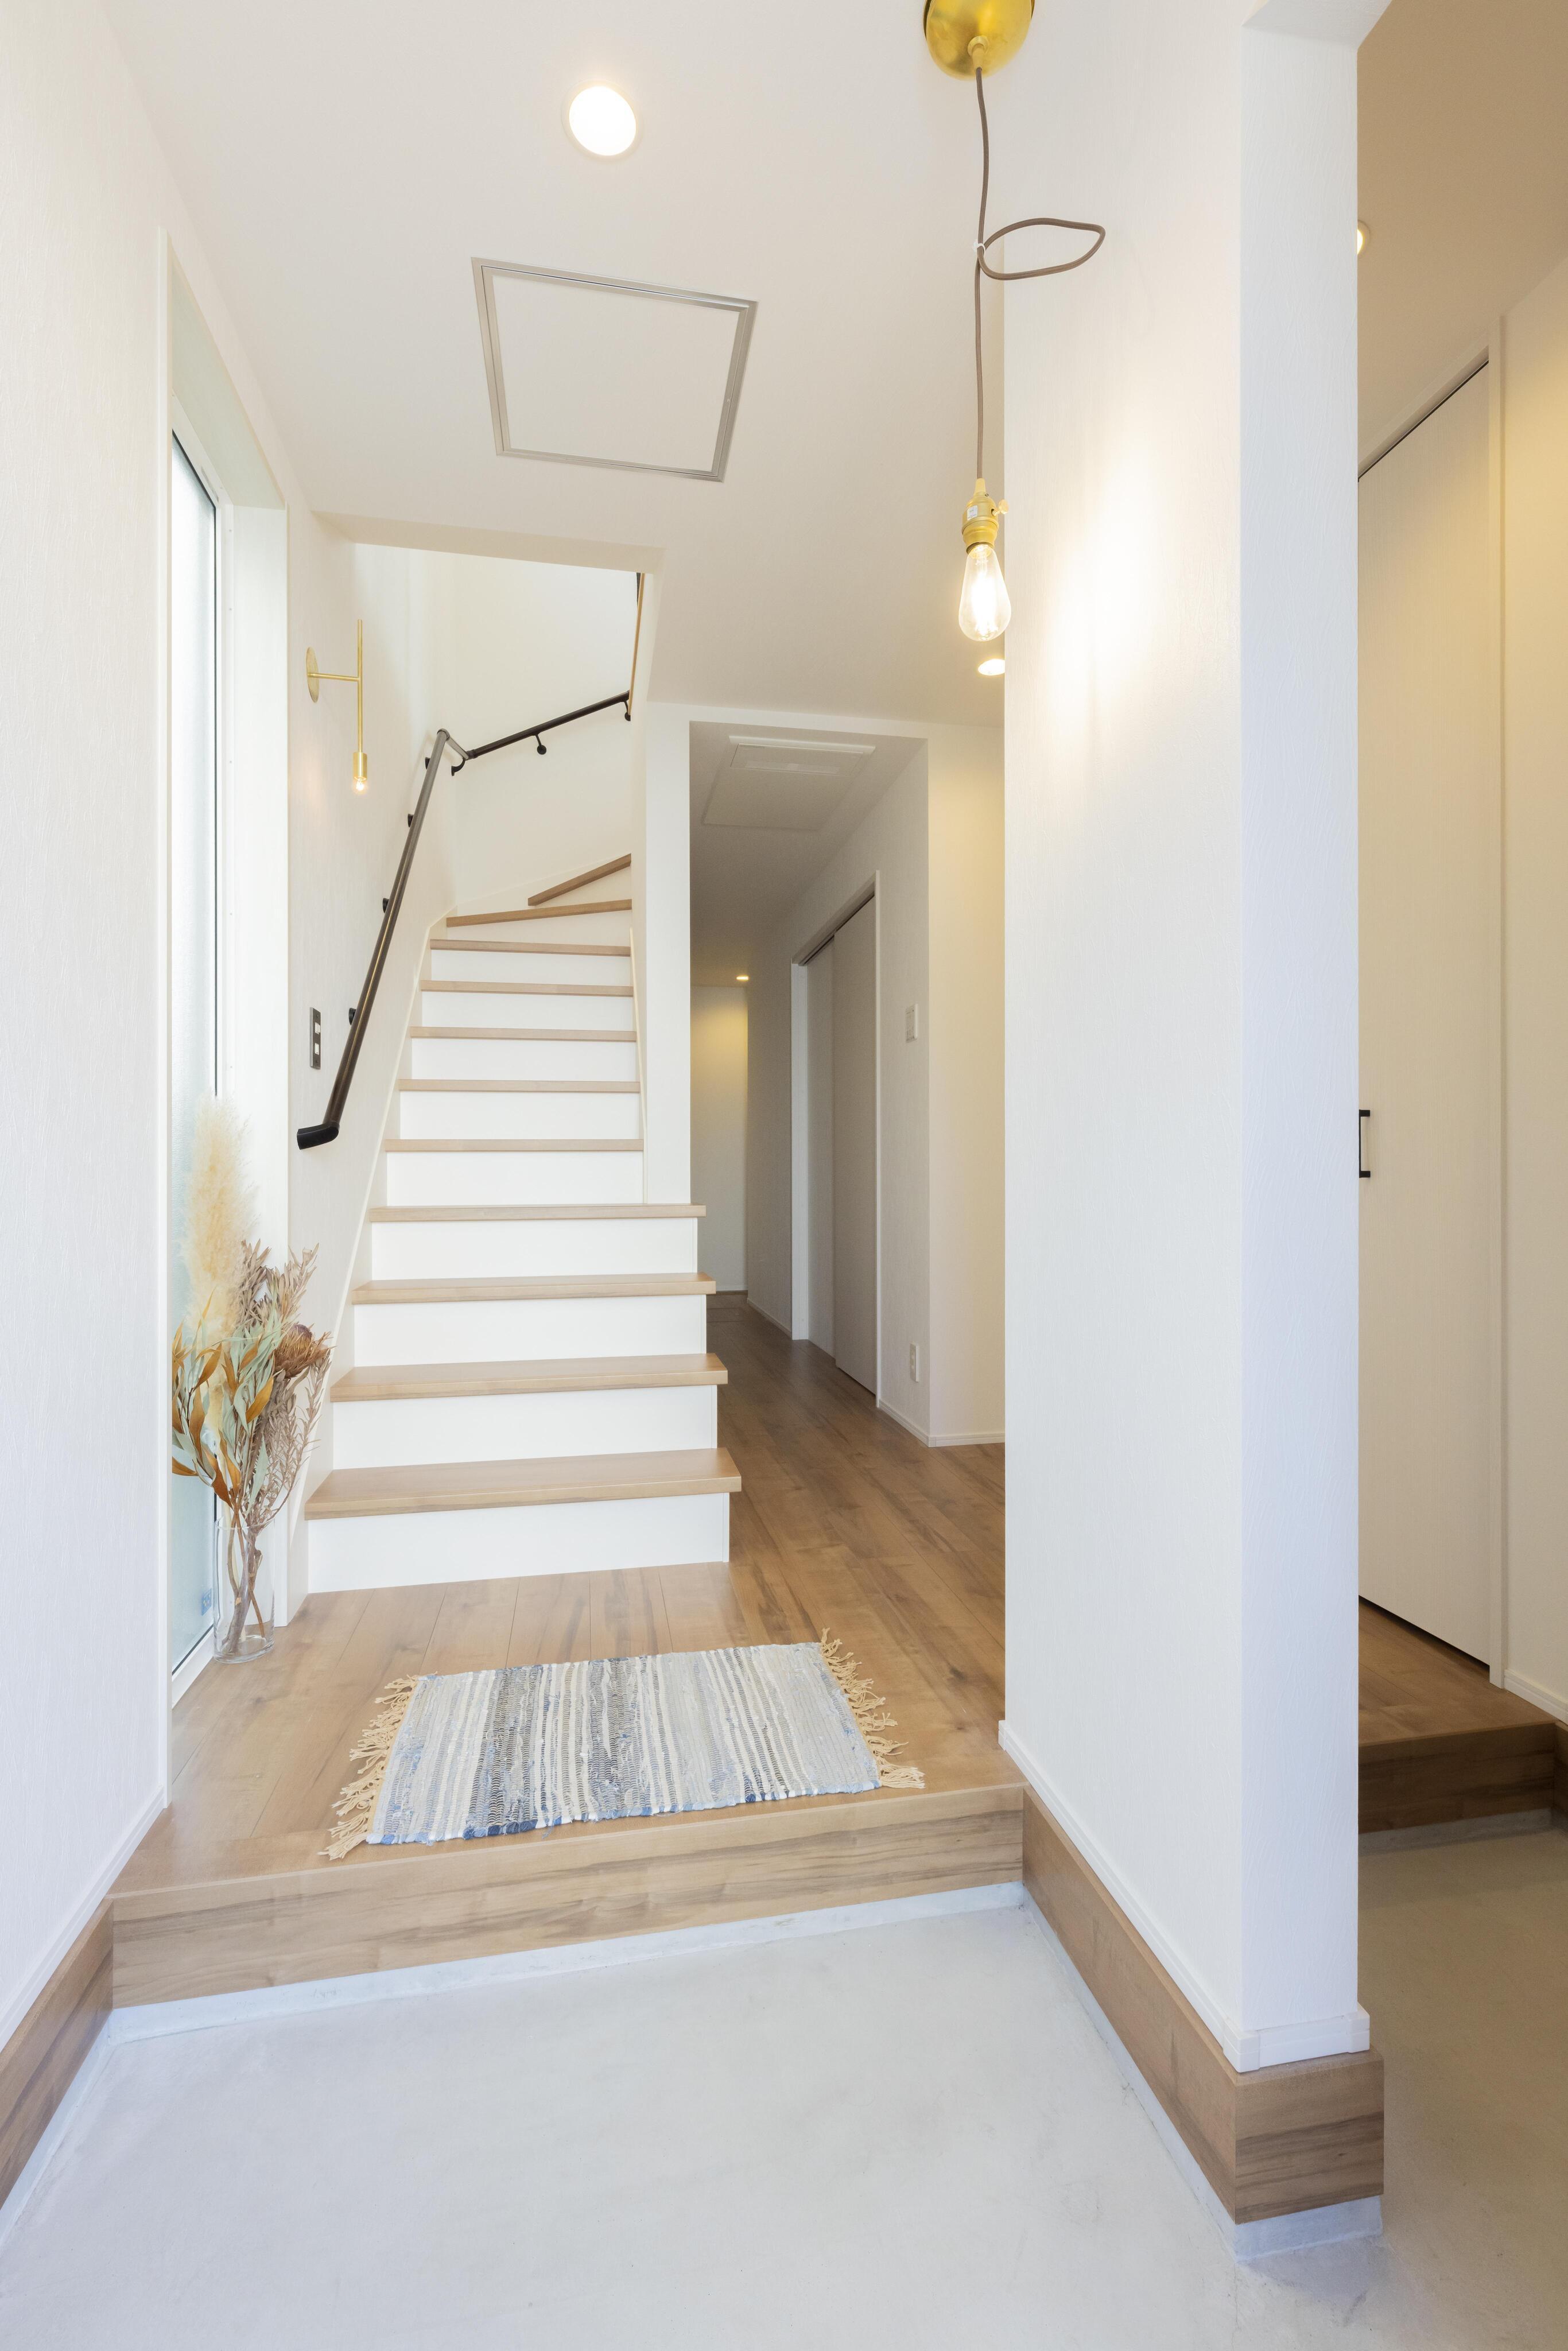 玄関に入ってすぐに2階に上がれる階段を設置し、リビングへ誘導する